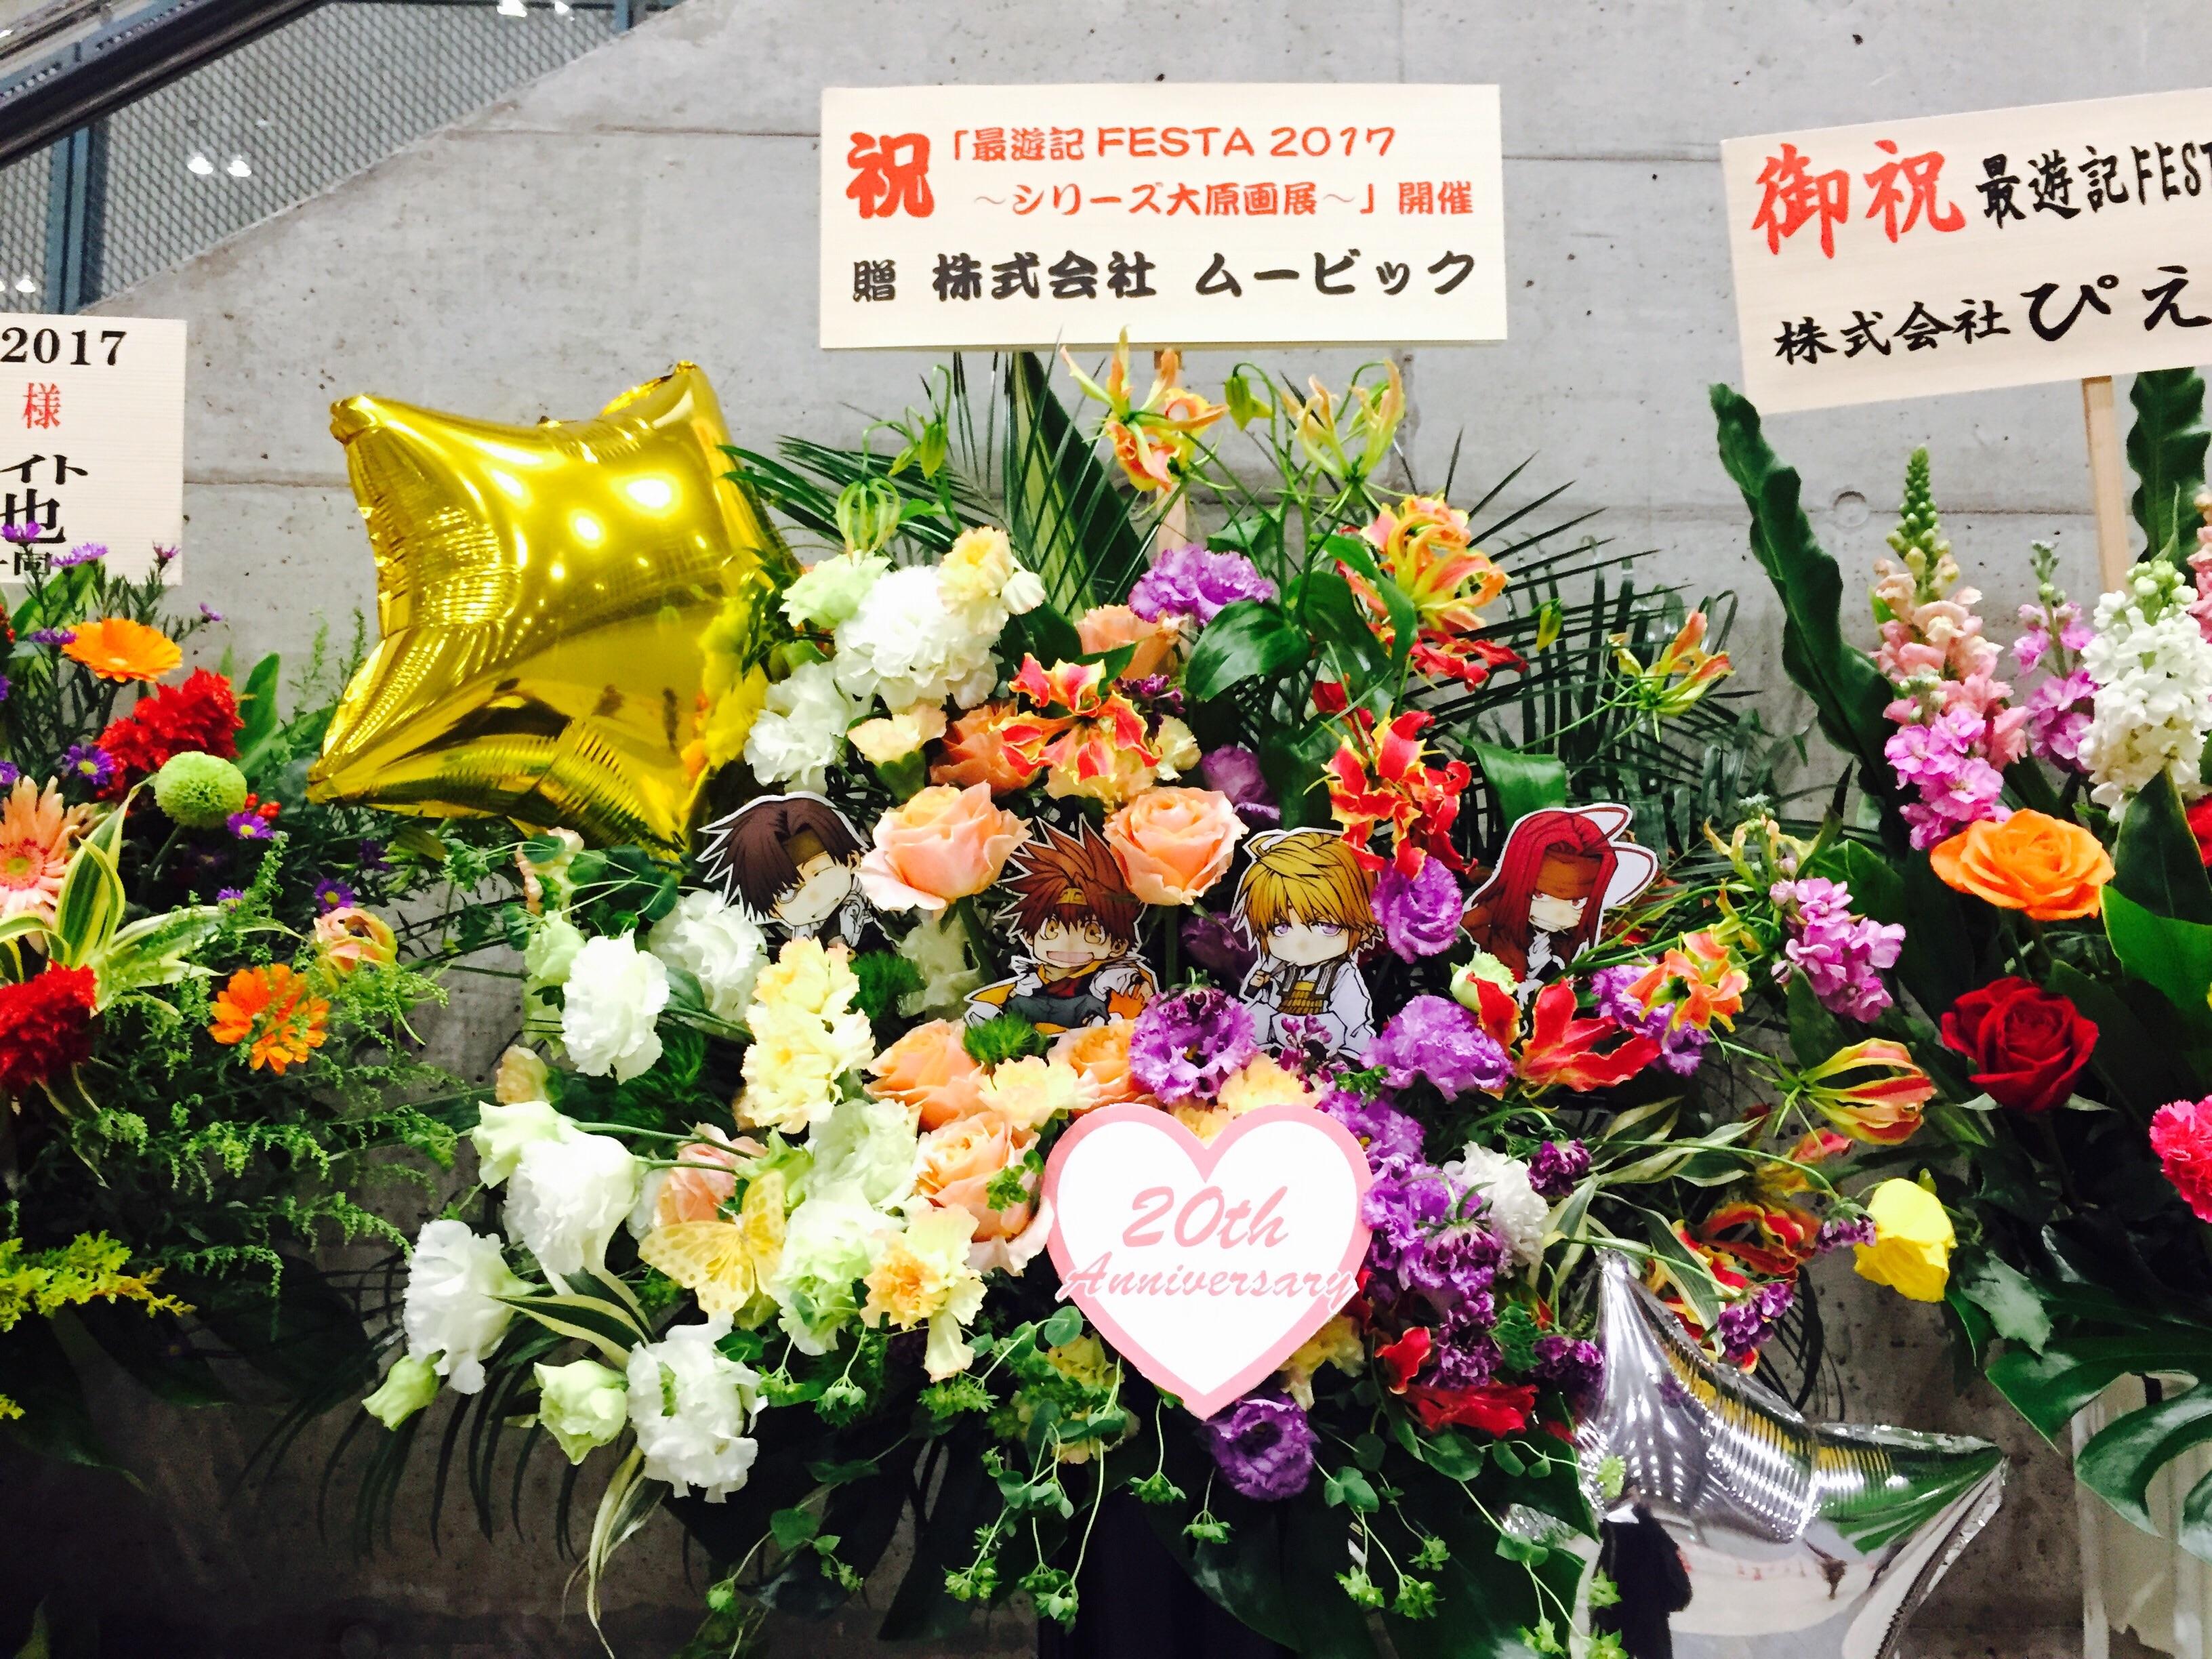 f:id:atsuki-iroha:20170115093131j:image